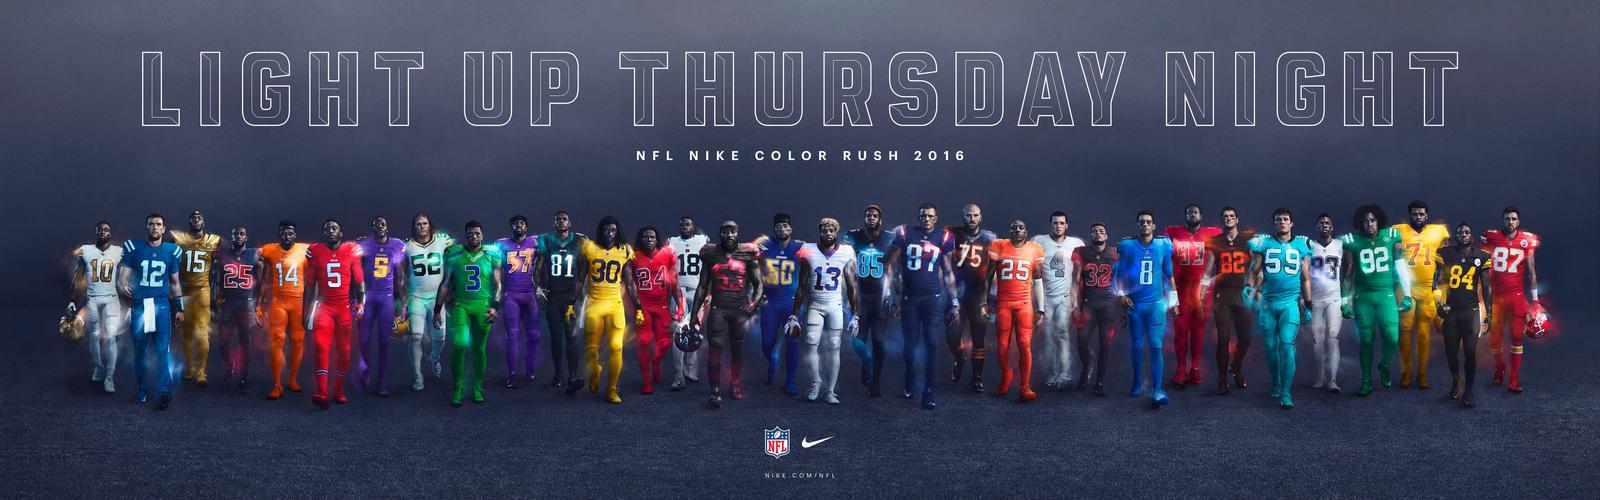 Nike Pr 233 Sente Les 32 Maillots Nfl Quot Color Rush Quot Pour Le